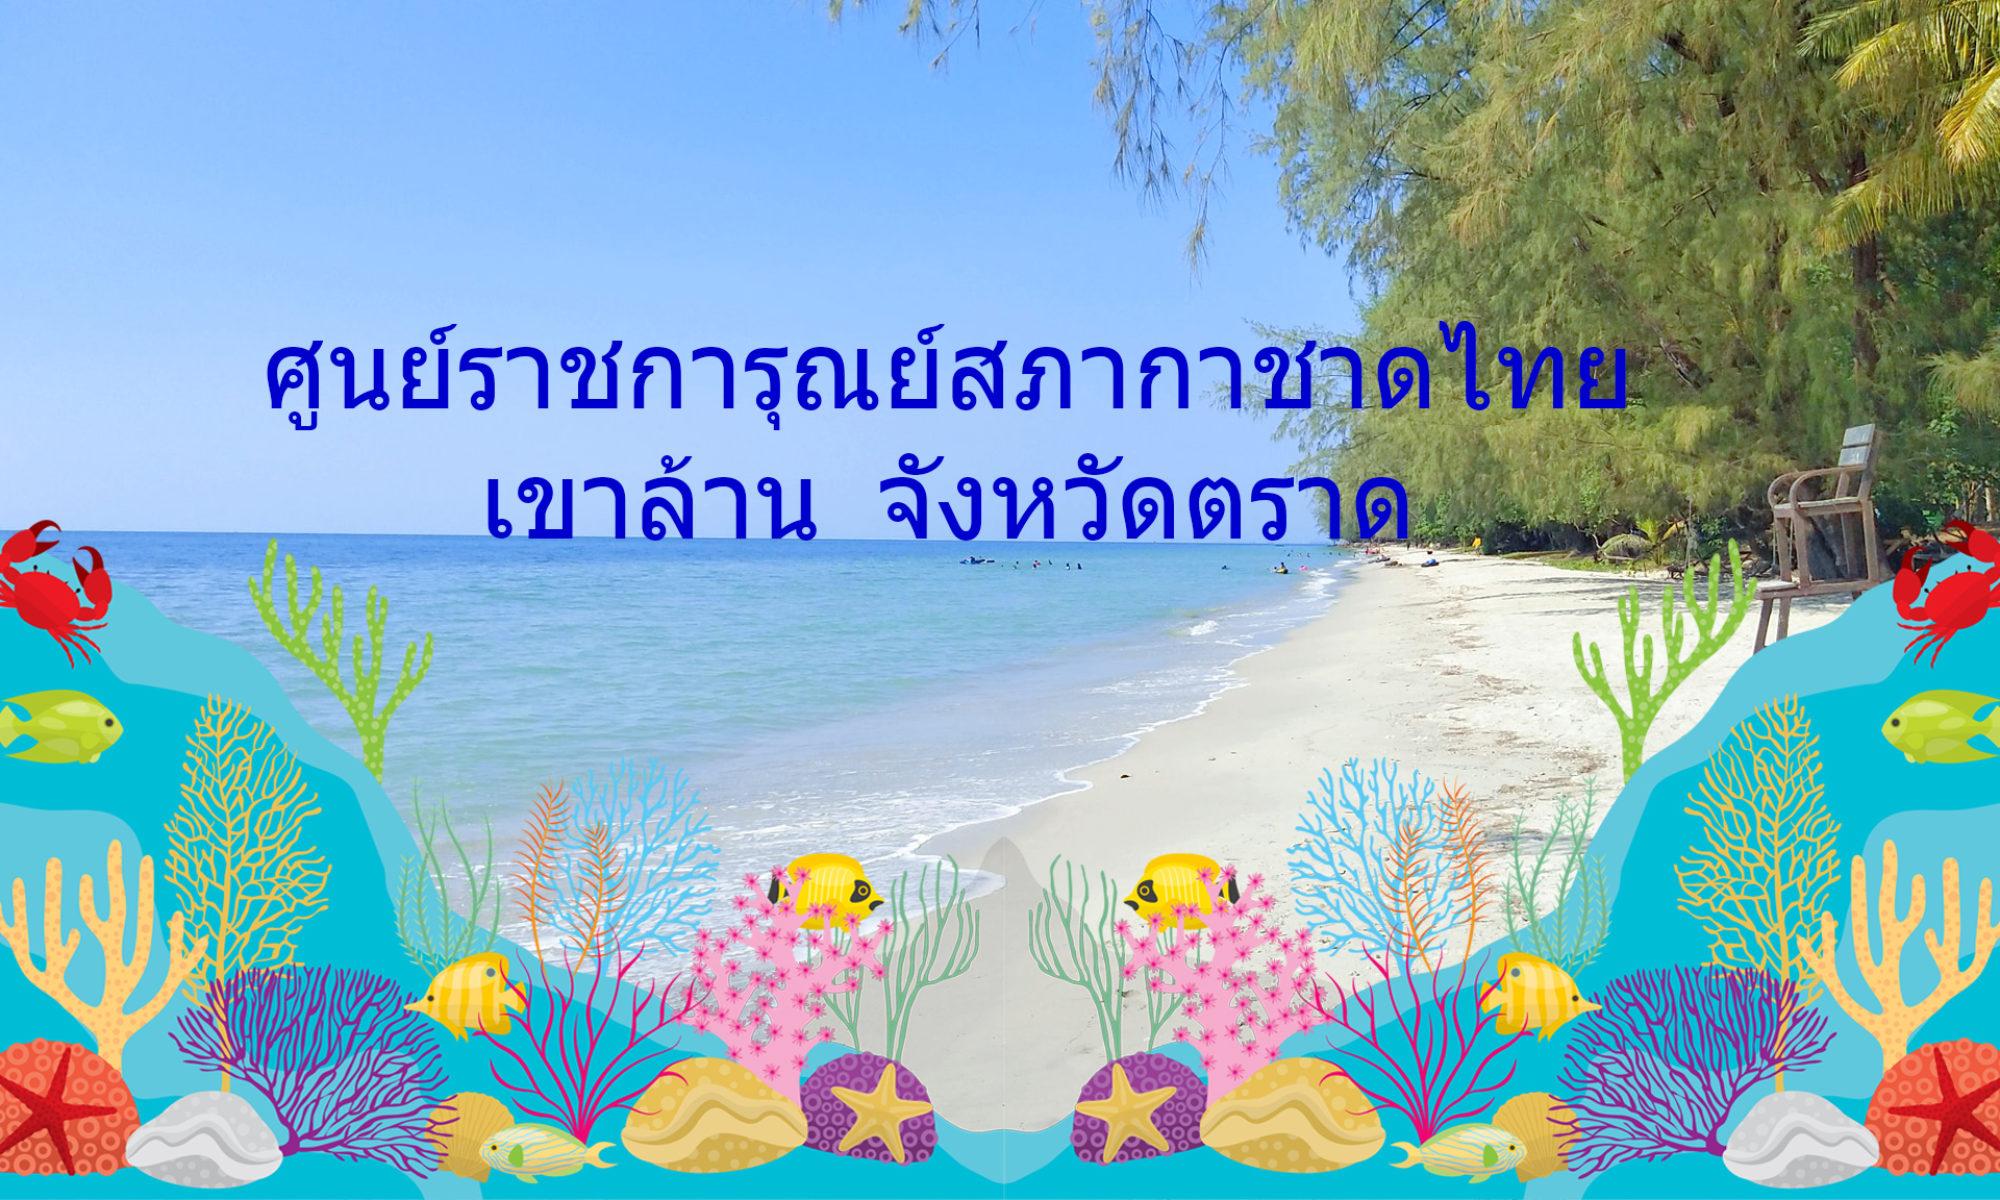 ศูนย์ราชการุณย์สภากาชาดไทย เขาล้าน